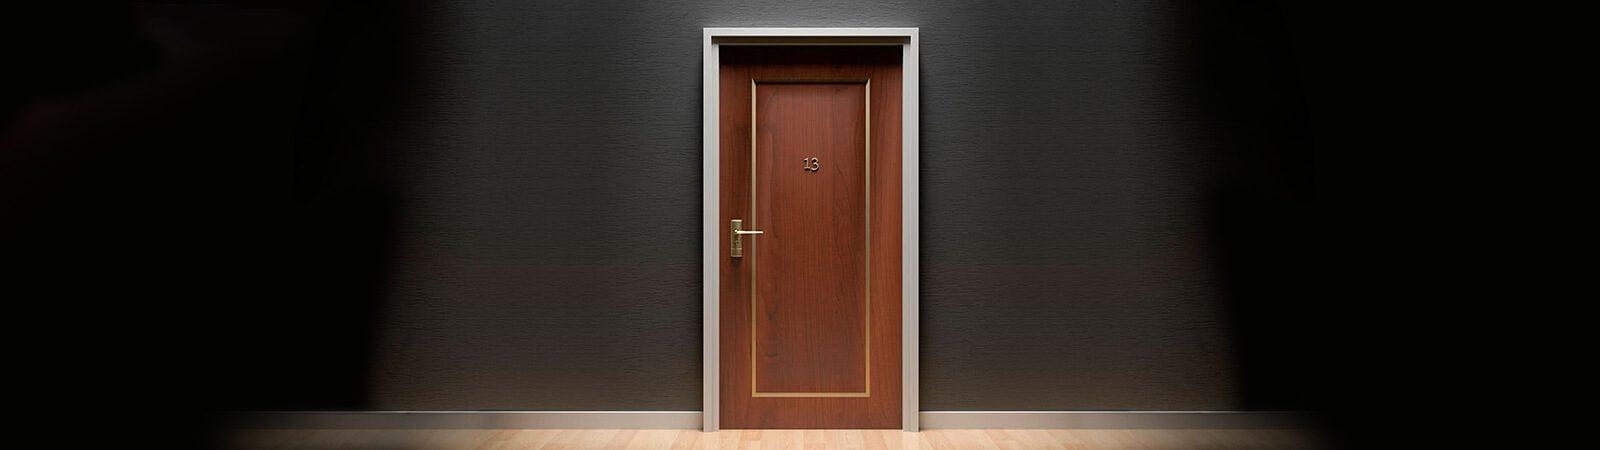 Основные способы утеплить металлическую дверь, выбор материала